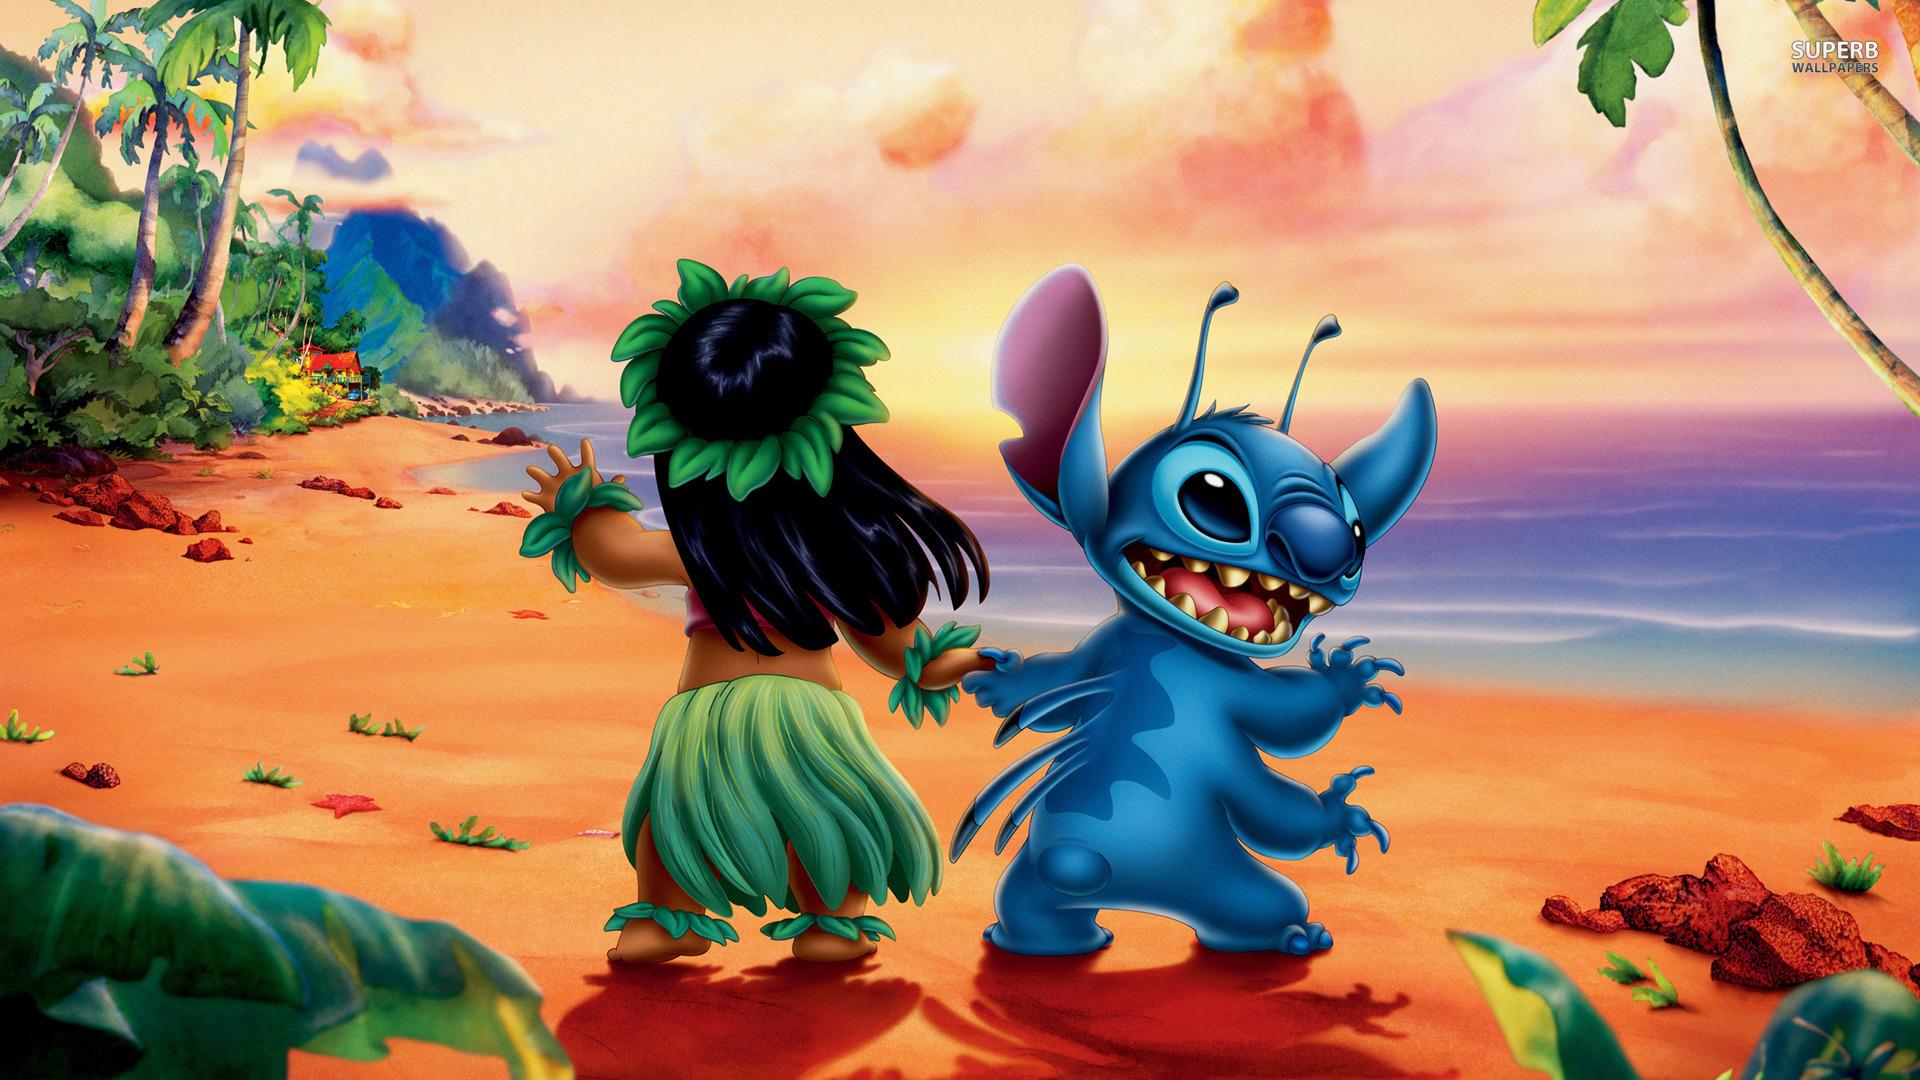 Lilo & Stitch Aurait Dû, Normalement, Être Beaucoup Plus pour Lilo Et Stitch Dessin Animé